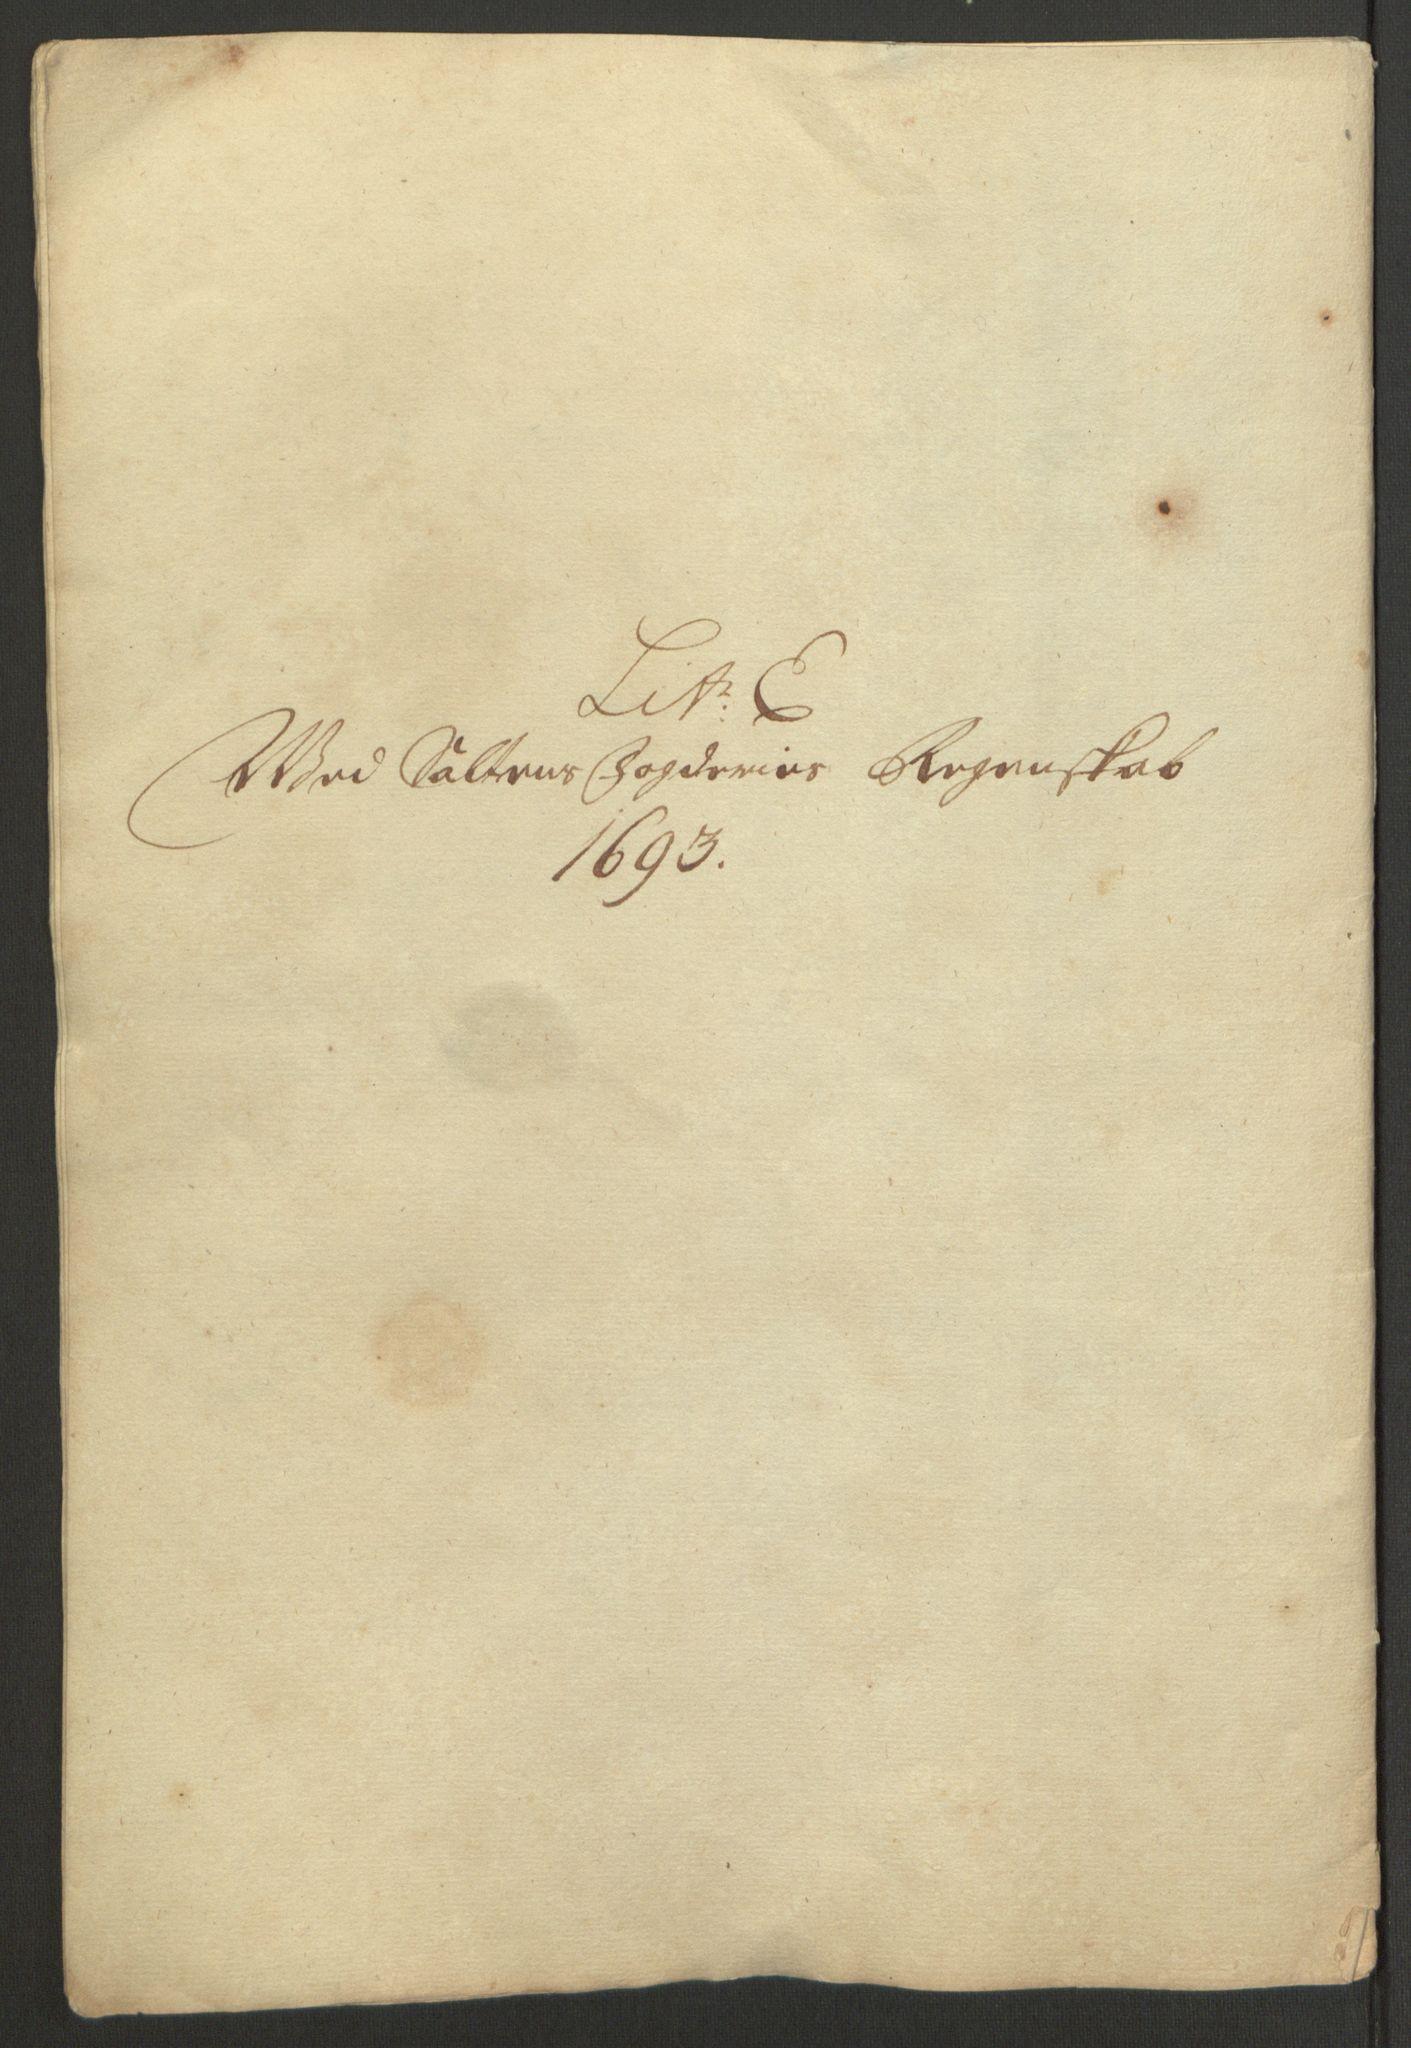 RA, Rentekammeret inntil 1814, Reviderte regnskaper, Fogderegnskap, R66/L4577: Fogderegnskap Salten, 1691-1693, s. 329